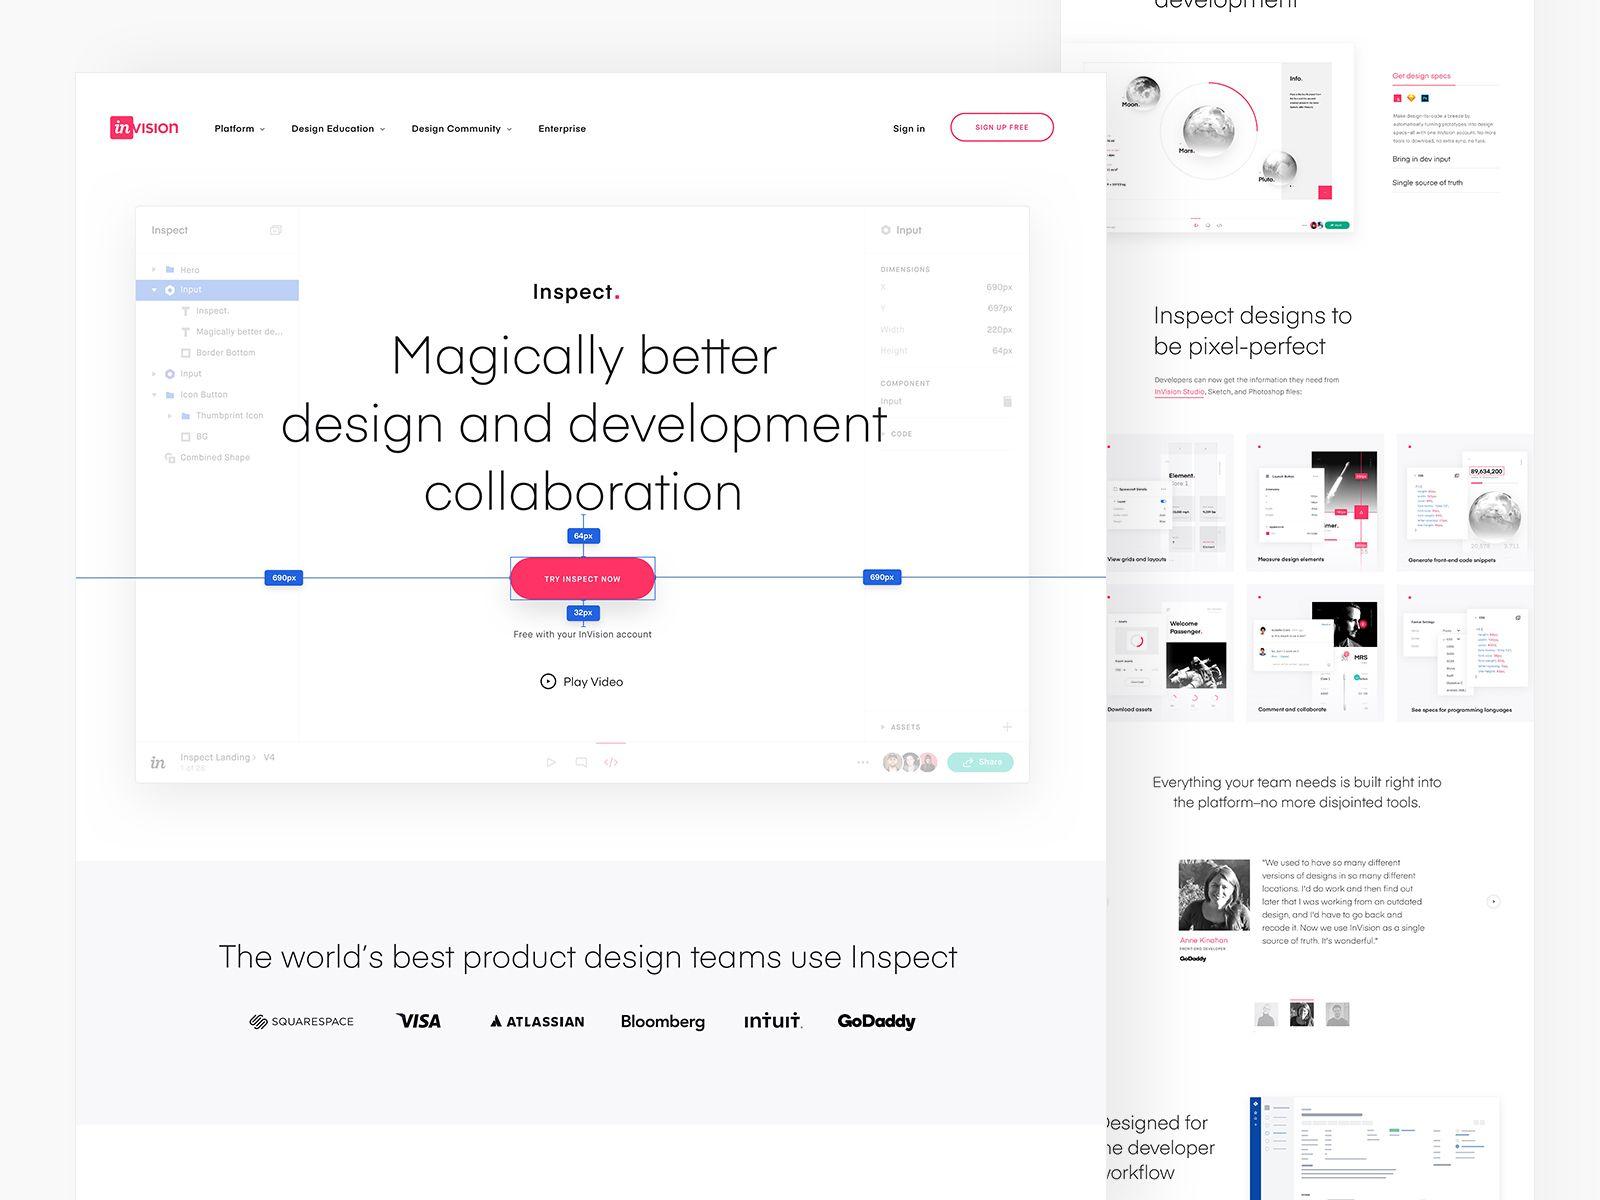 Invision S Inspect Design And Development Collaboration Tool Web Design Development Design